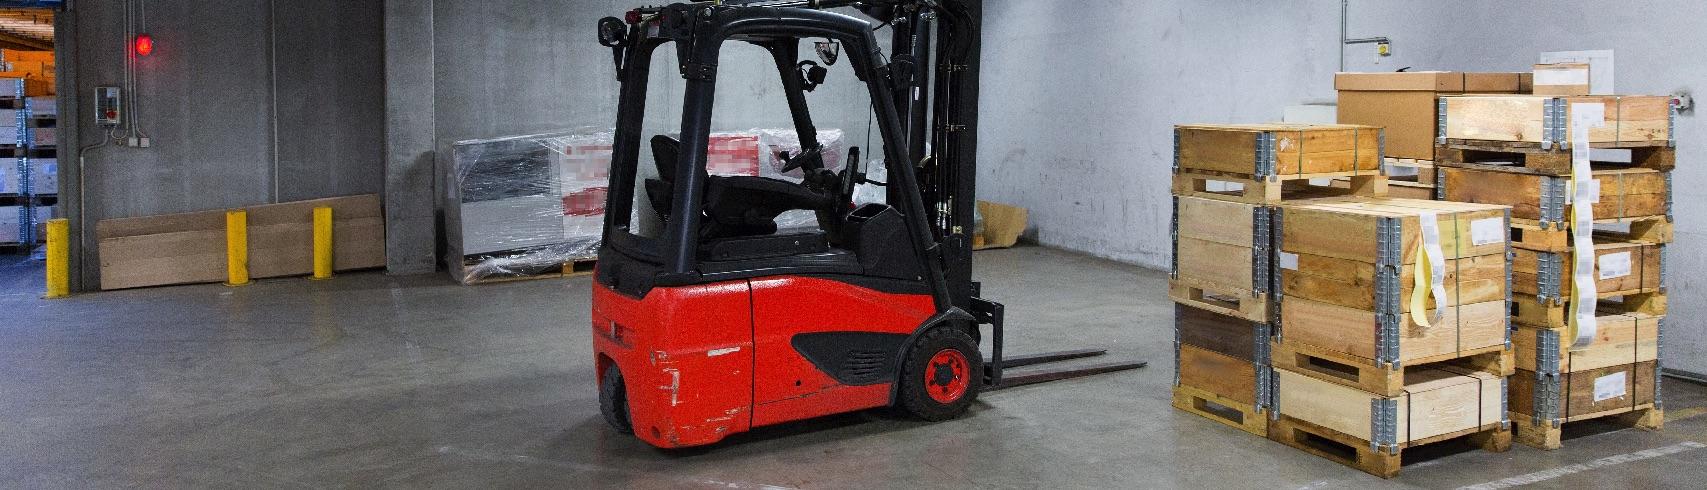 Forklift Rental Philadelphia, PA - Tobly Equipment Rental